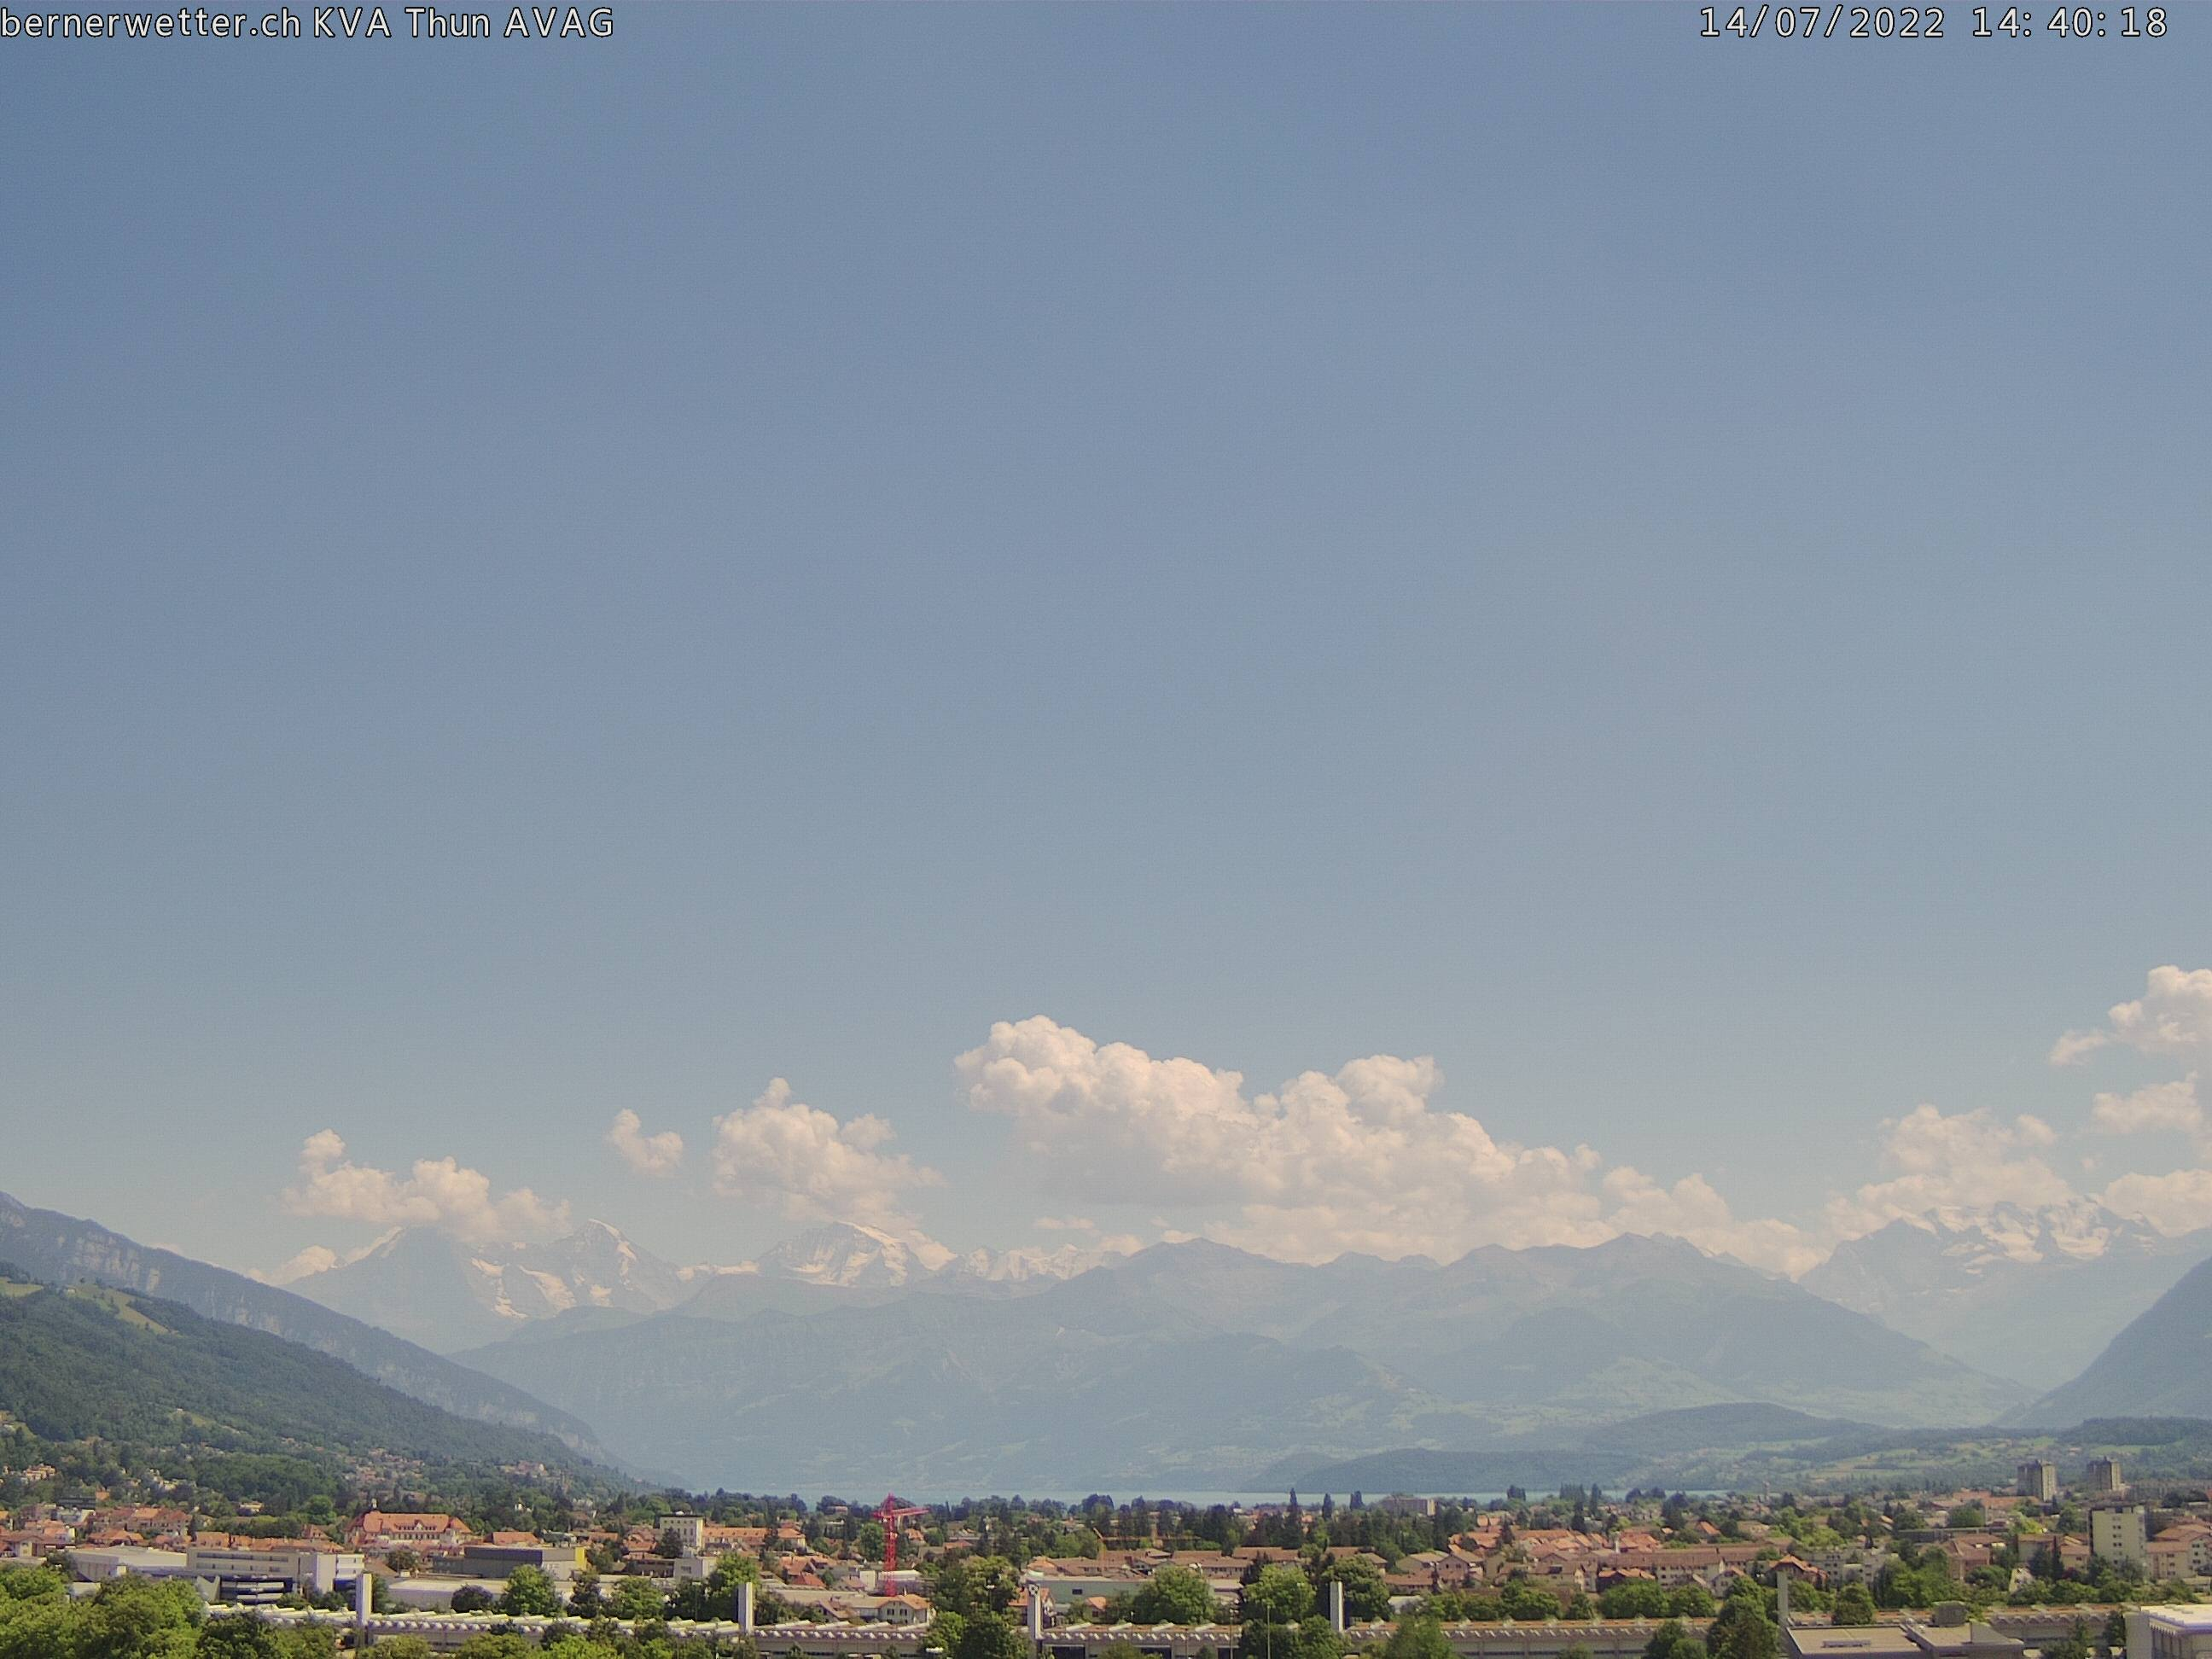 Wetterkamera in Thun, Sicht auf Berner Alpen und Jura